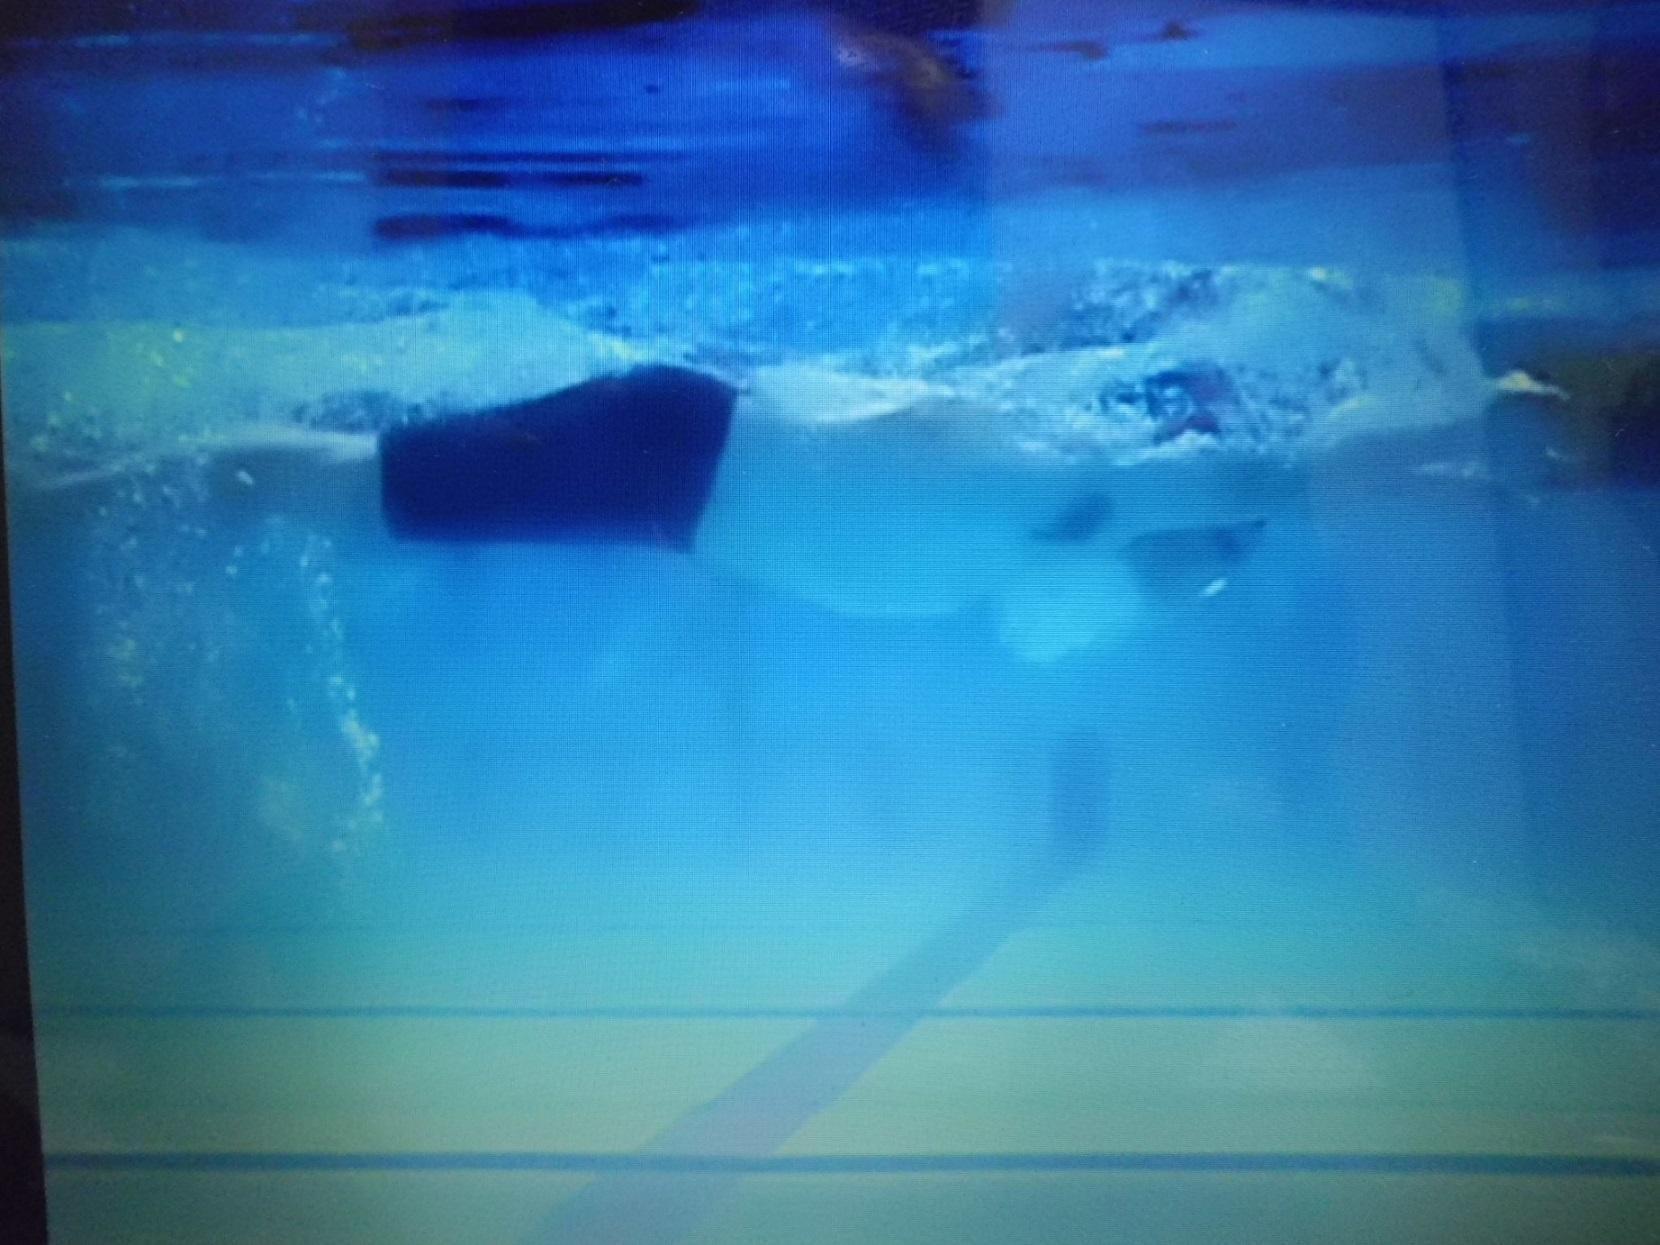 バタフライ水中映像